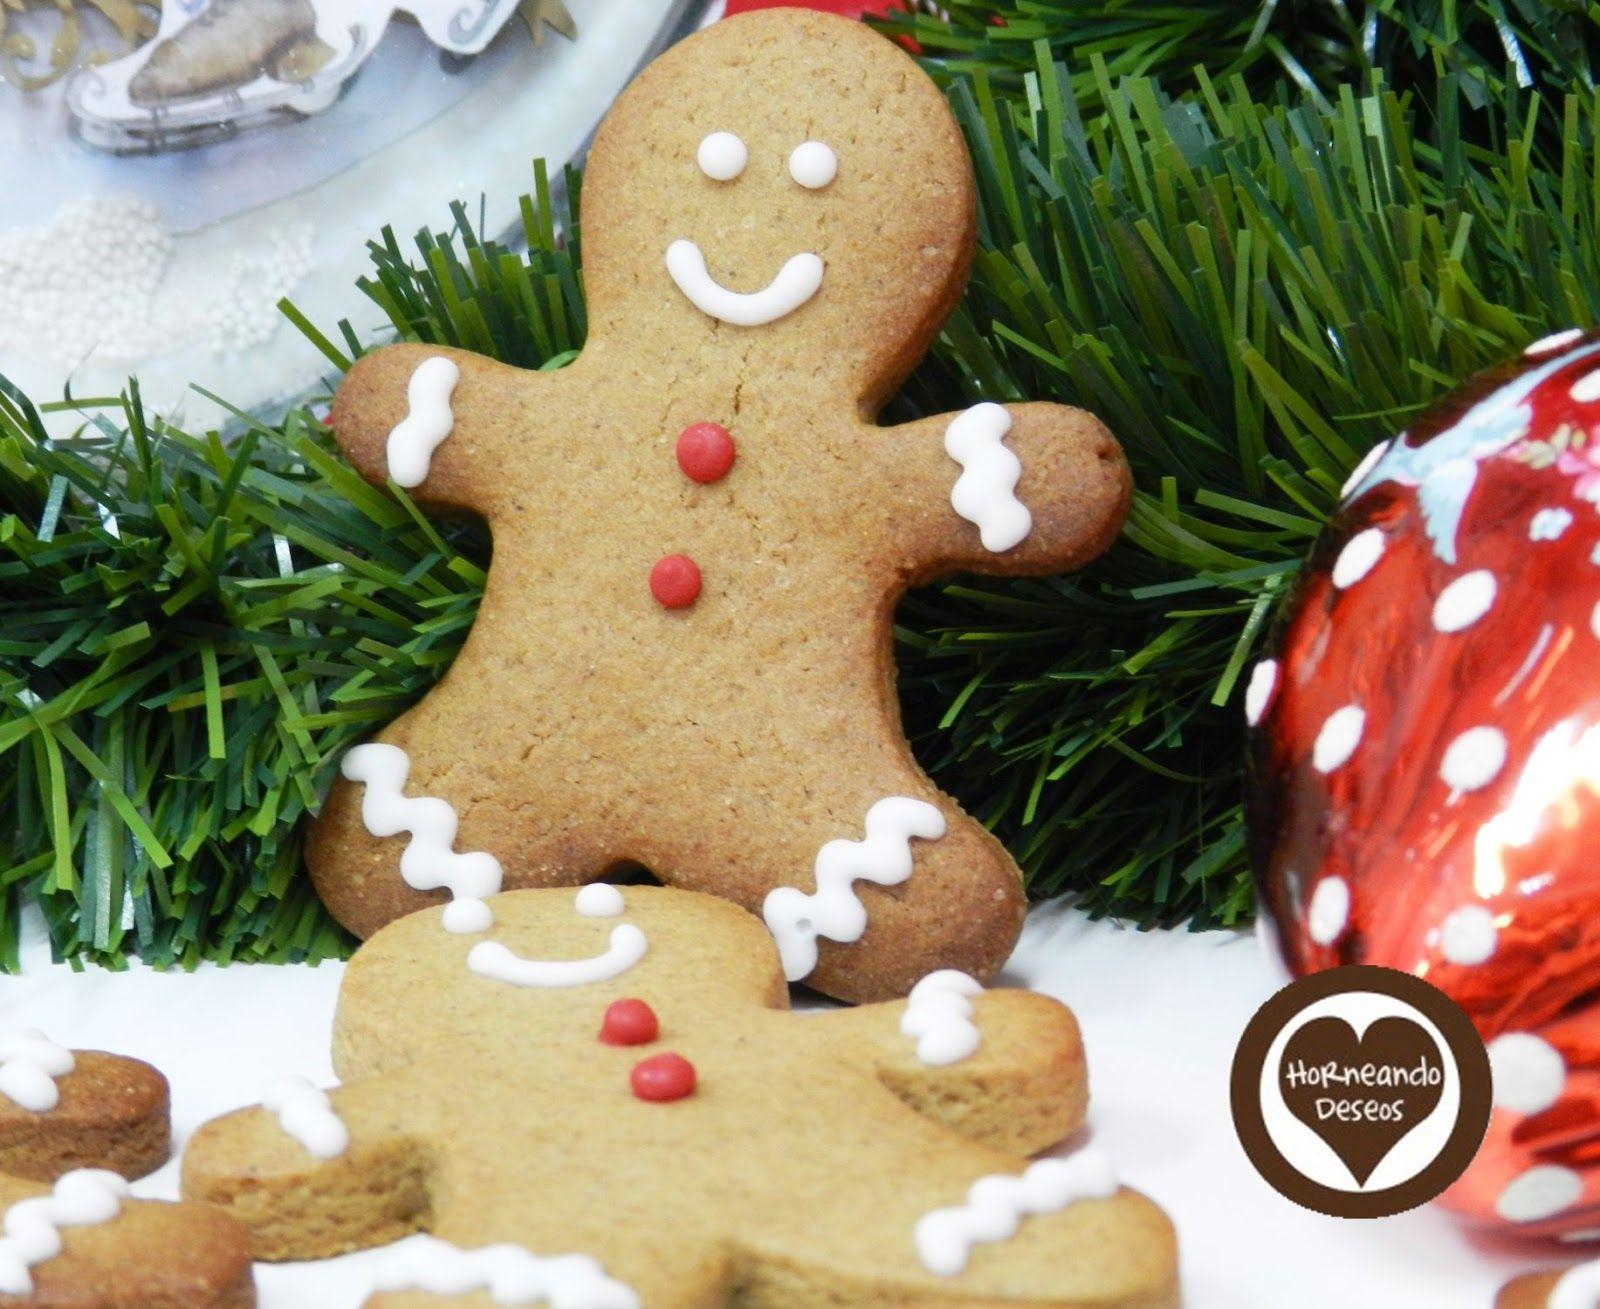 horneando deseos: Receta auténtica de galletas de jengibre